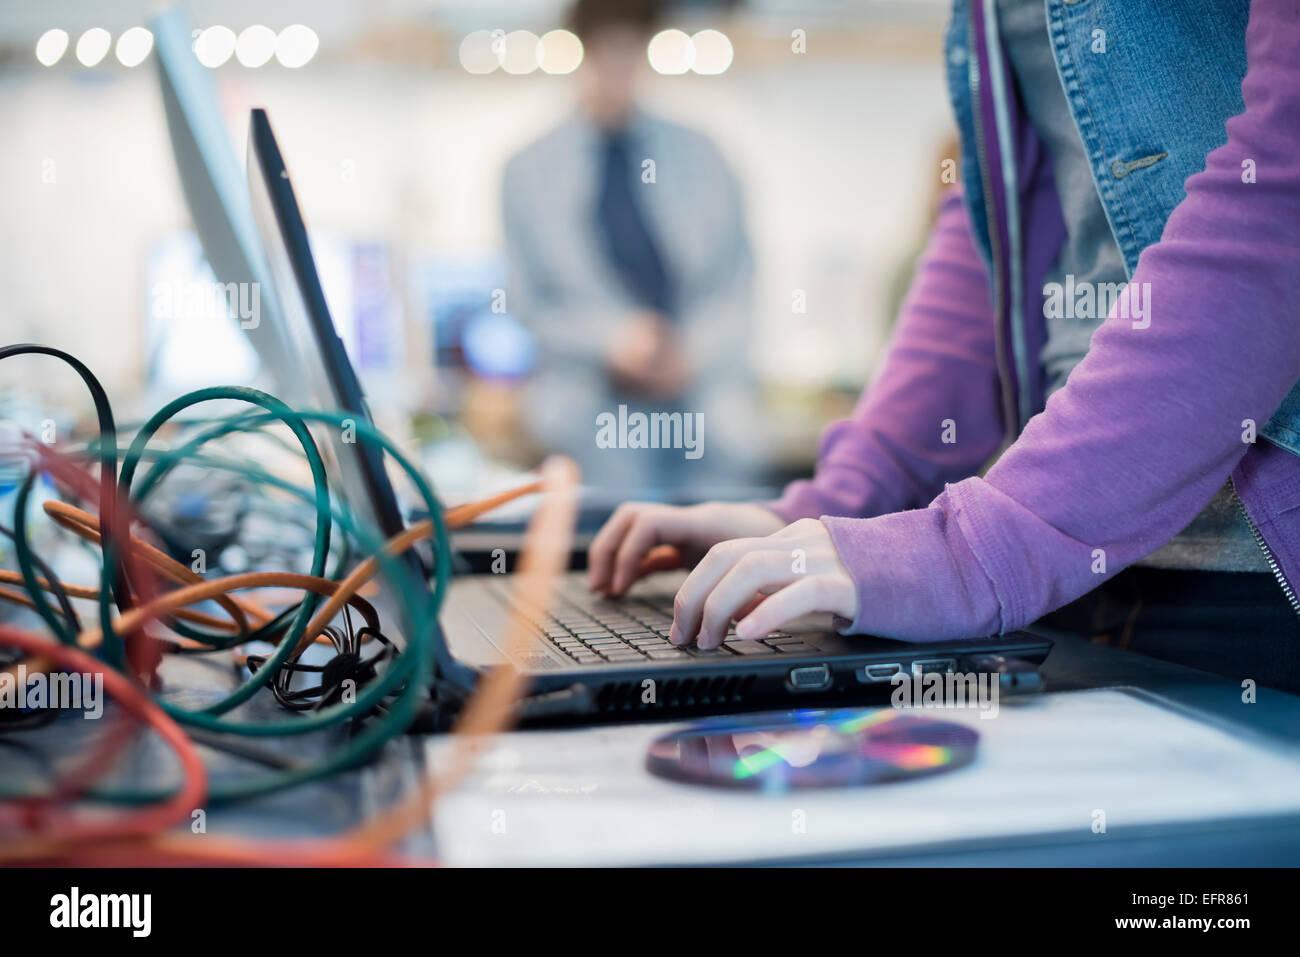 Eine Person mit einem Laptopcomputer. Scheibe und Drähte an der Theke. -Werkstatt. Stockbild